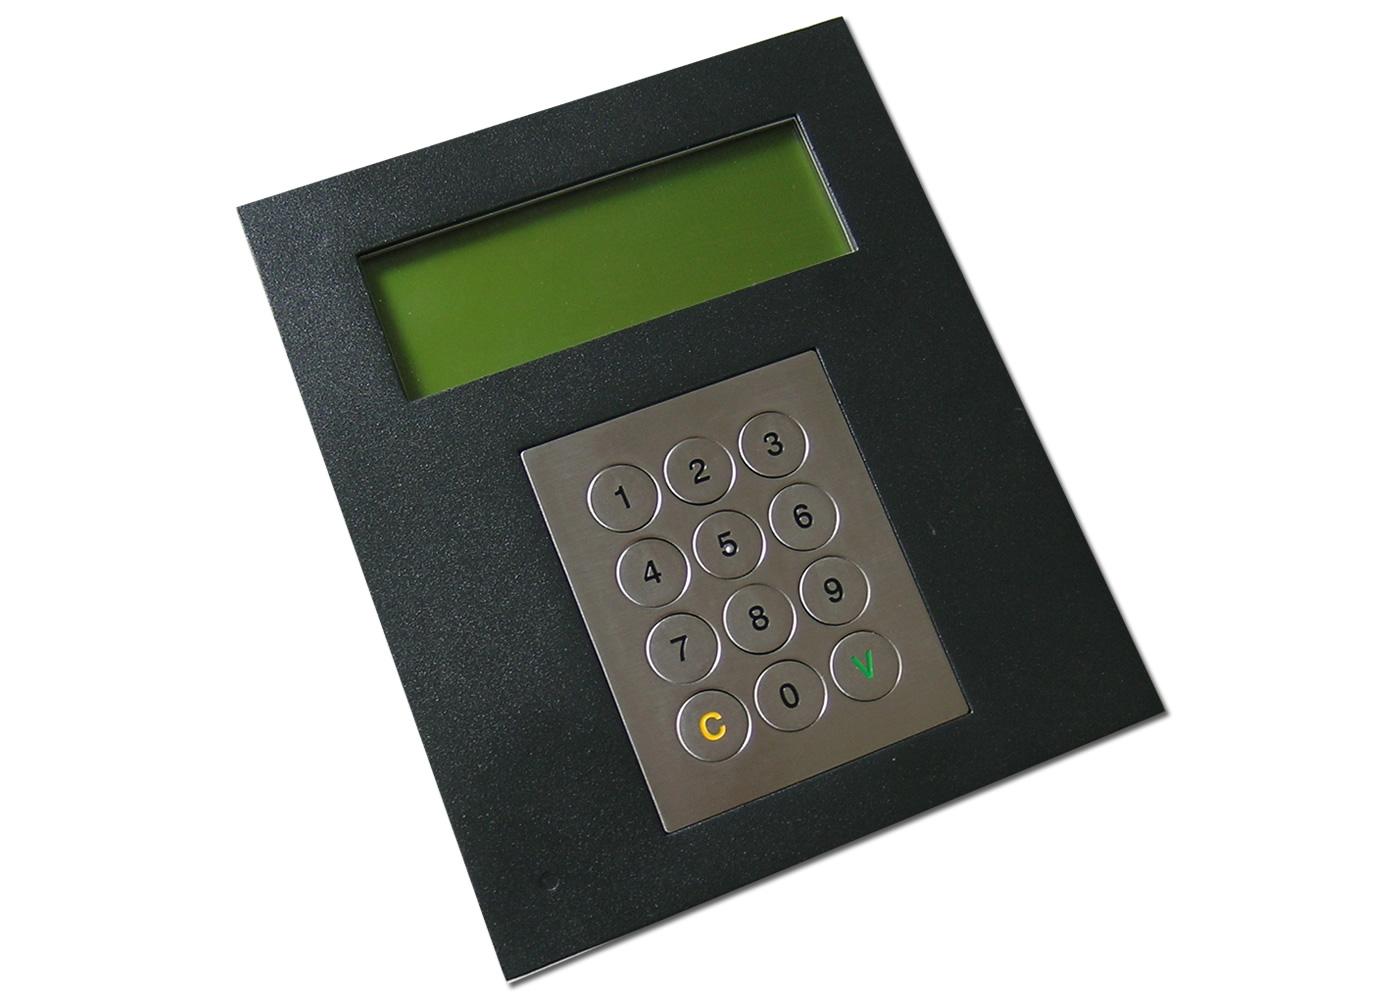 Terminal industriel avec clavier inox antivandale 12 touches avec afficheur 4×20 caractères interface RS232